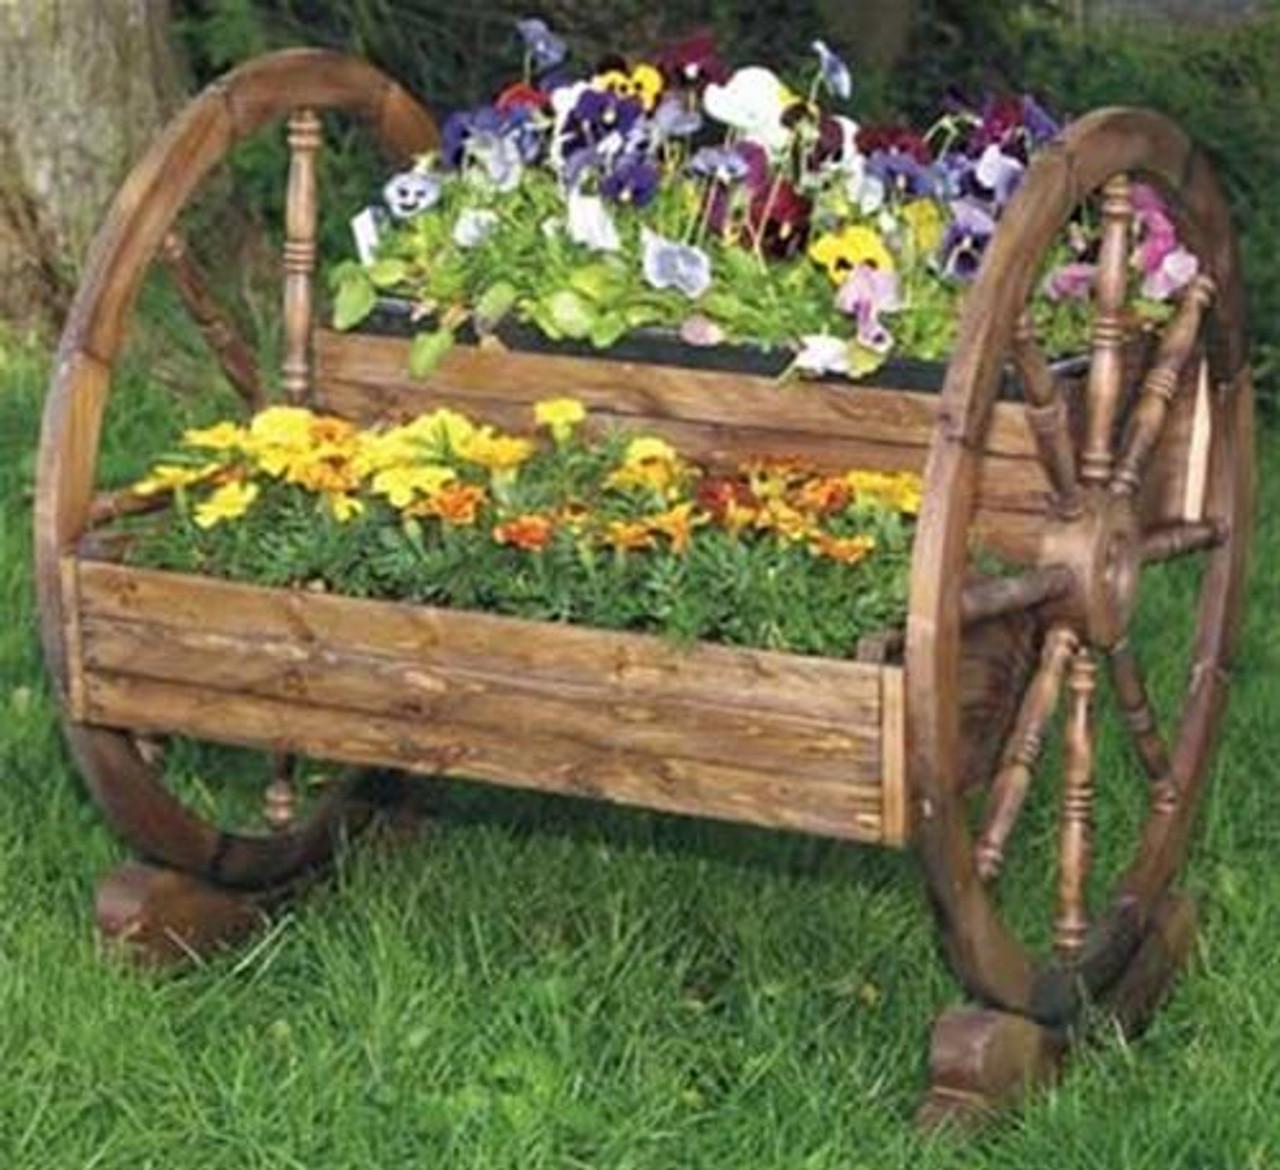 Cherry Tree Toys Wagon Wheel Planter Plan